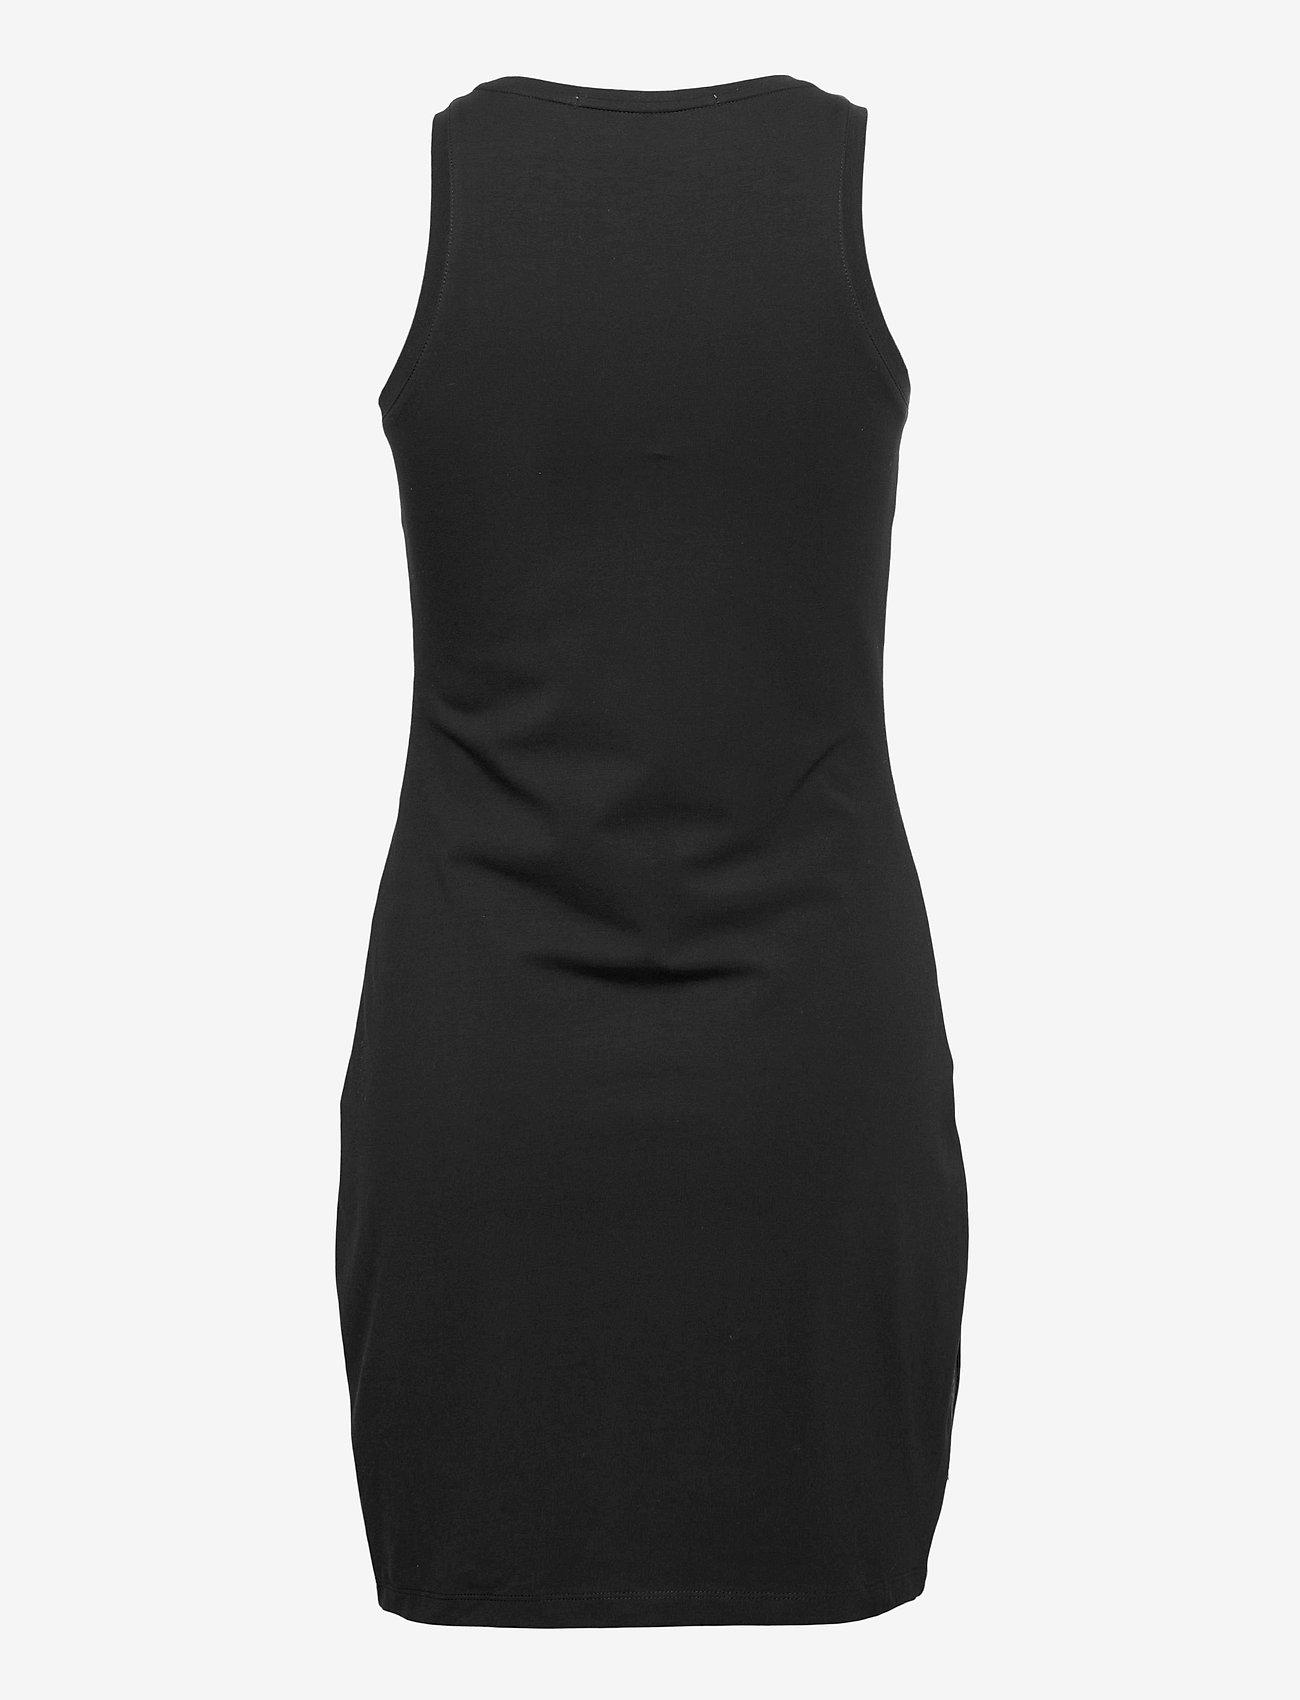 Calvin Klein Jeans - LOGO TRIM RACER BACK DRESS - sommerkjoler - ck black - 1